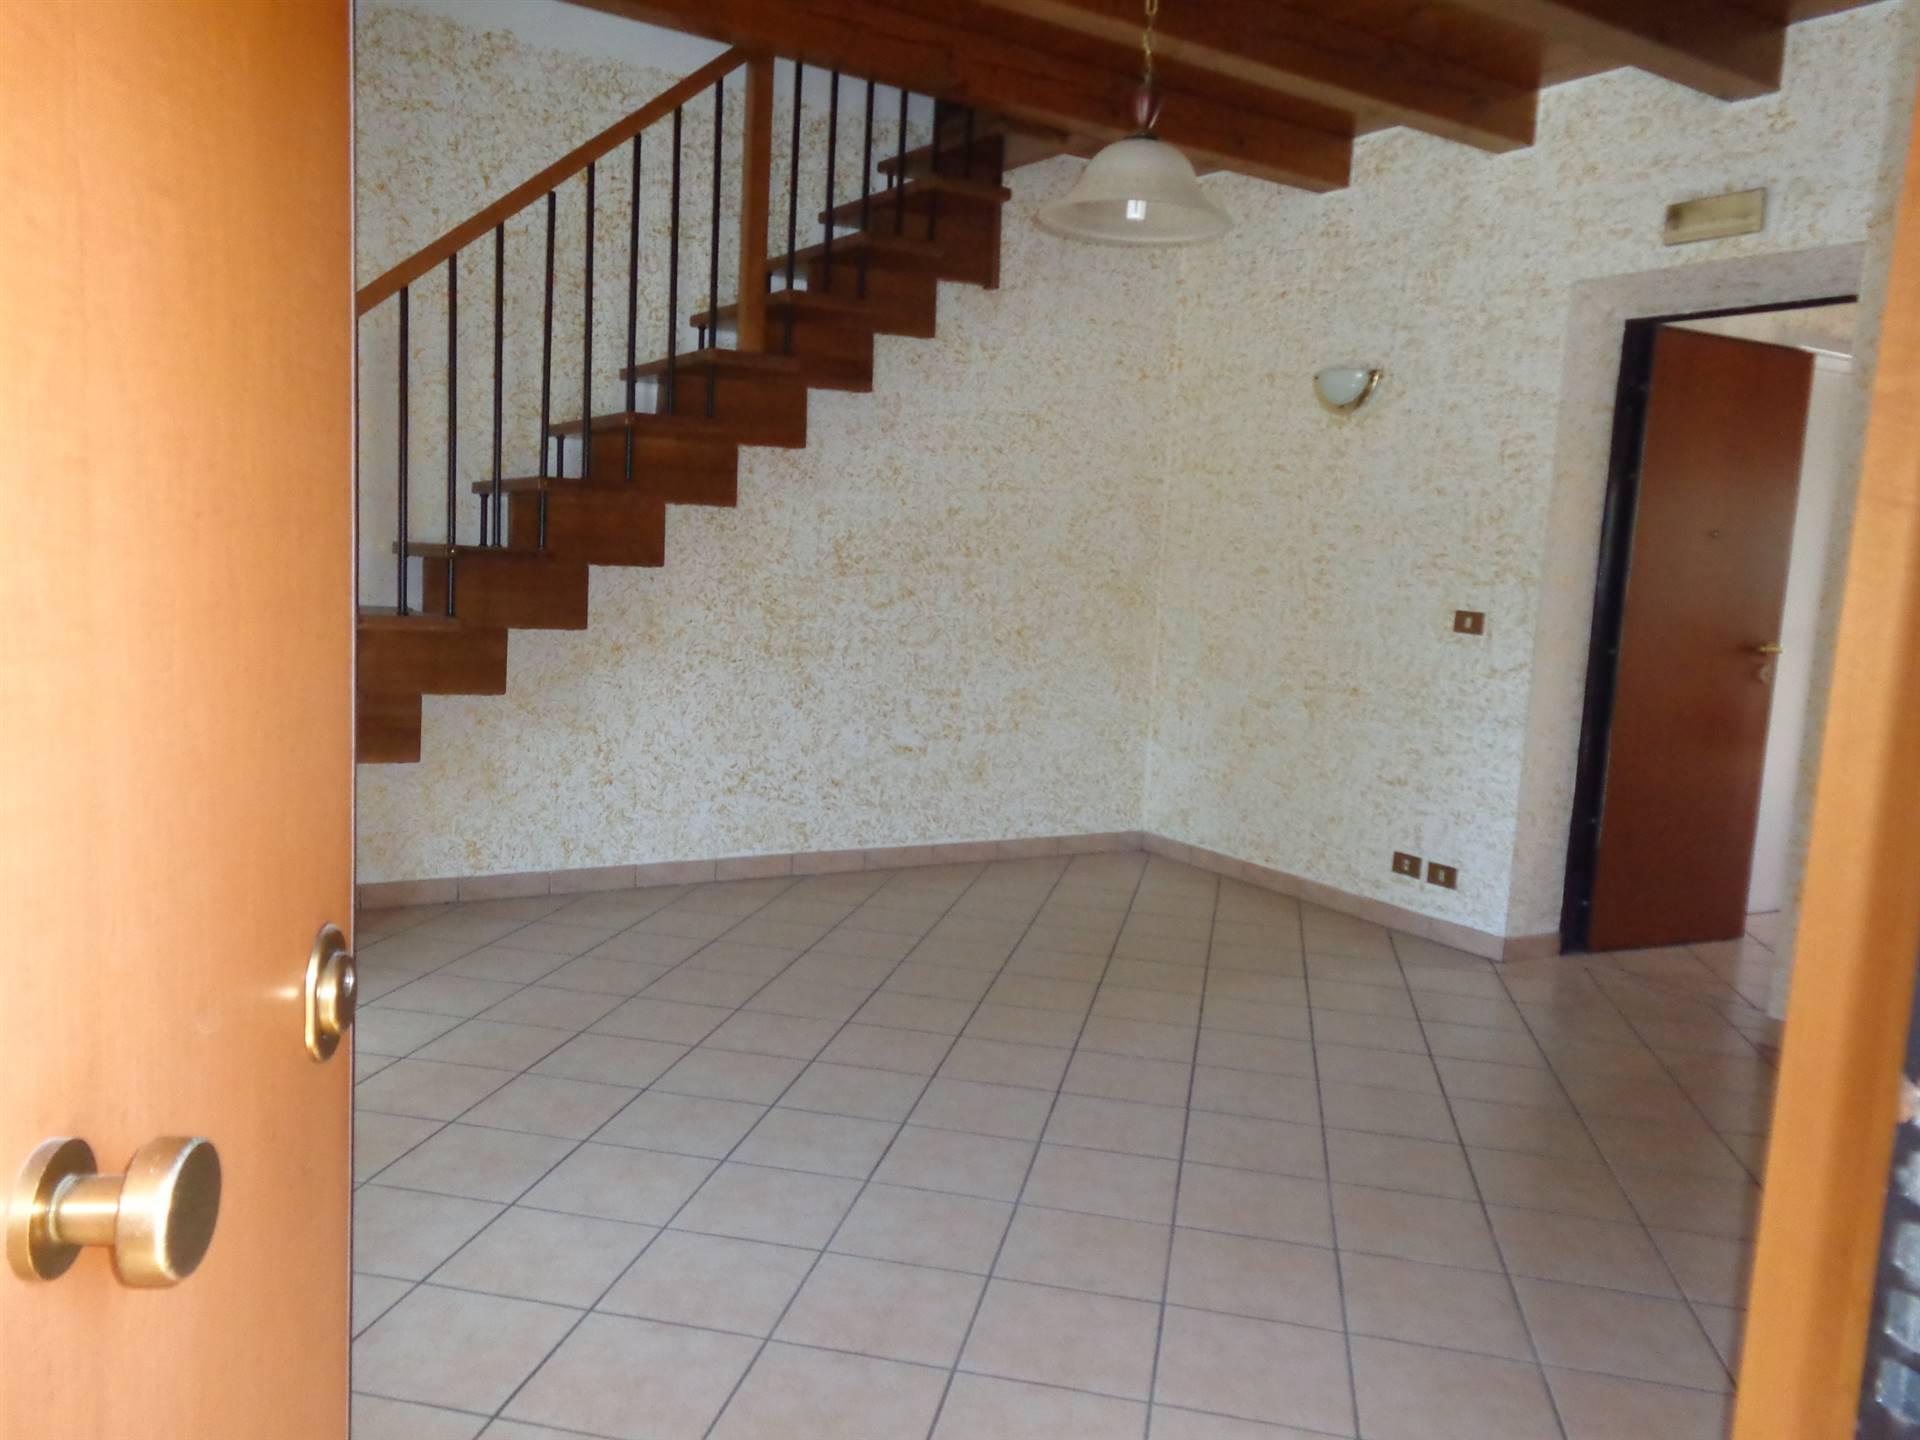 Appartamento in vendita a Montemarciano, 2 locali, zona Località: GABELLA, prezzo € 56.000 | CambioCasa.it